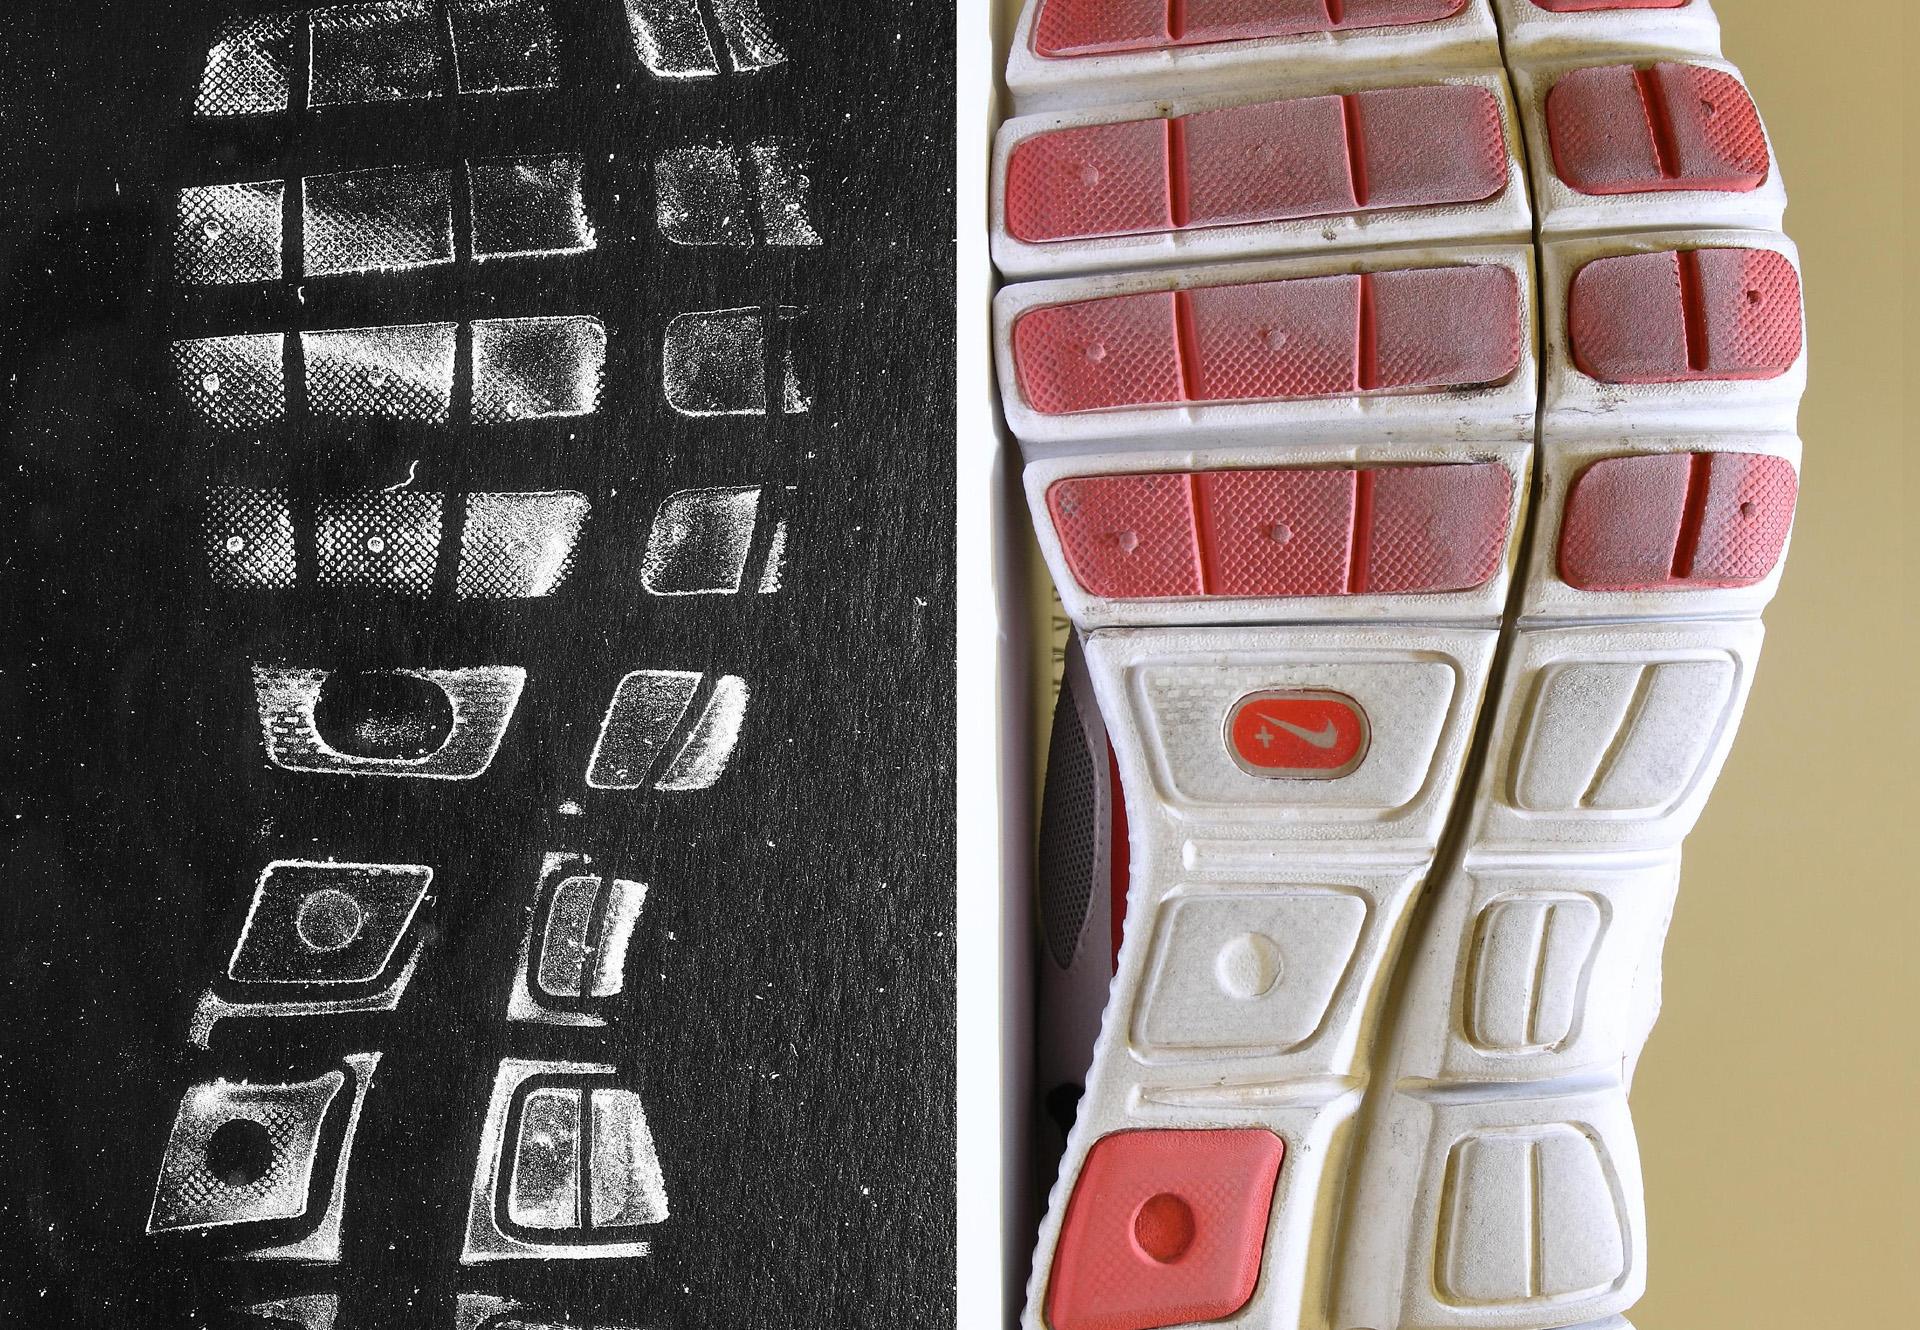 shoe print comparison